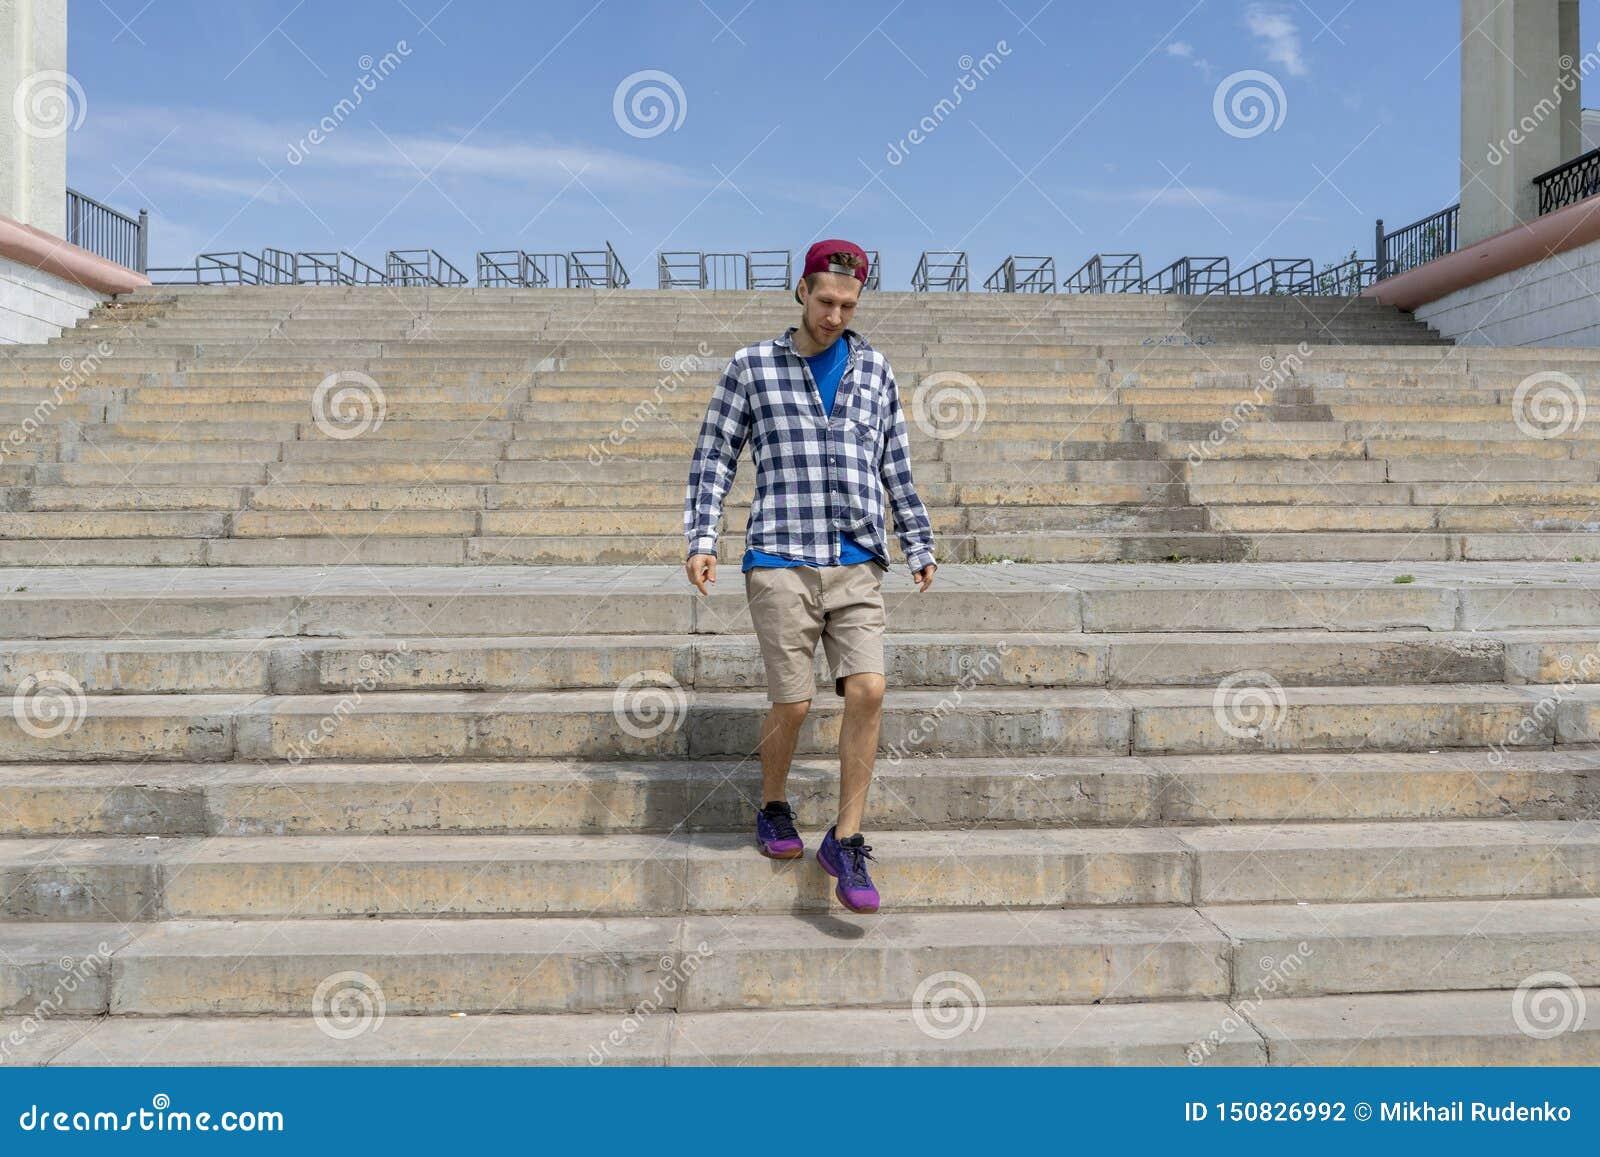 Concept urbain, promenade de jeune homme sur les escaliers dans la ville